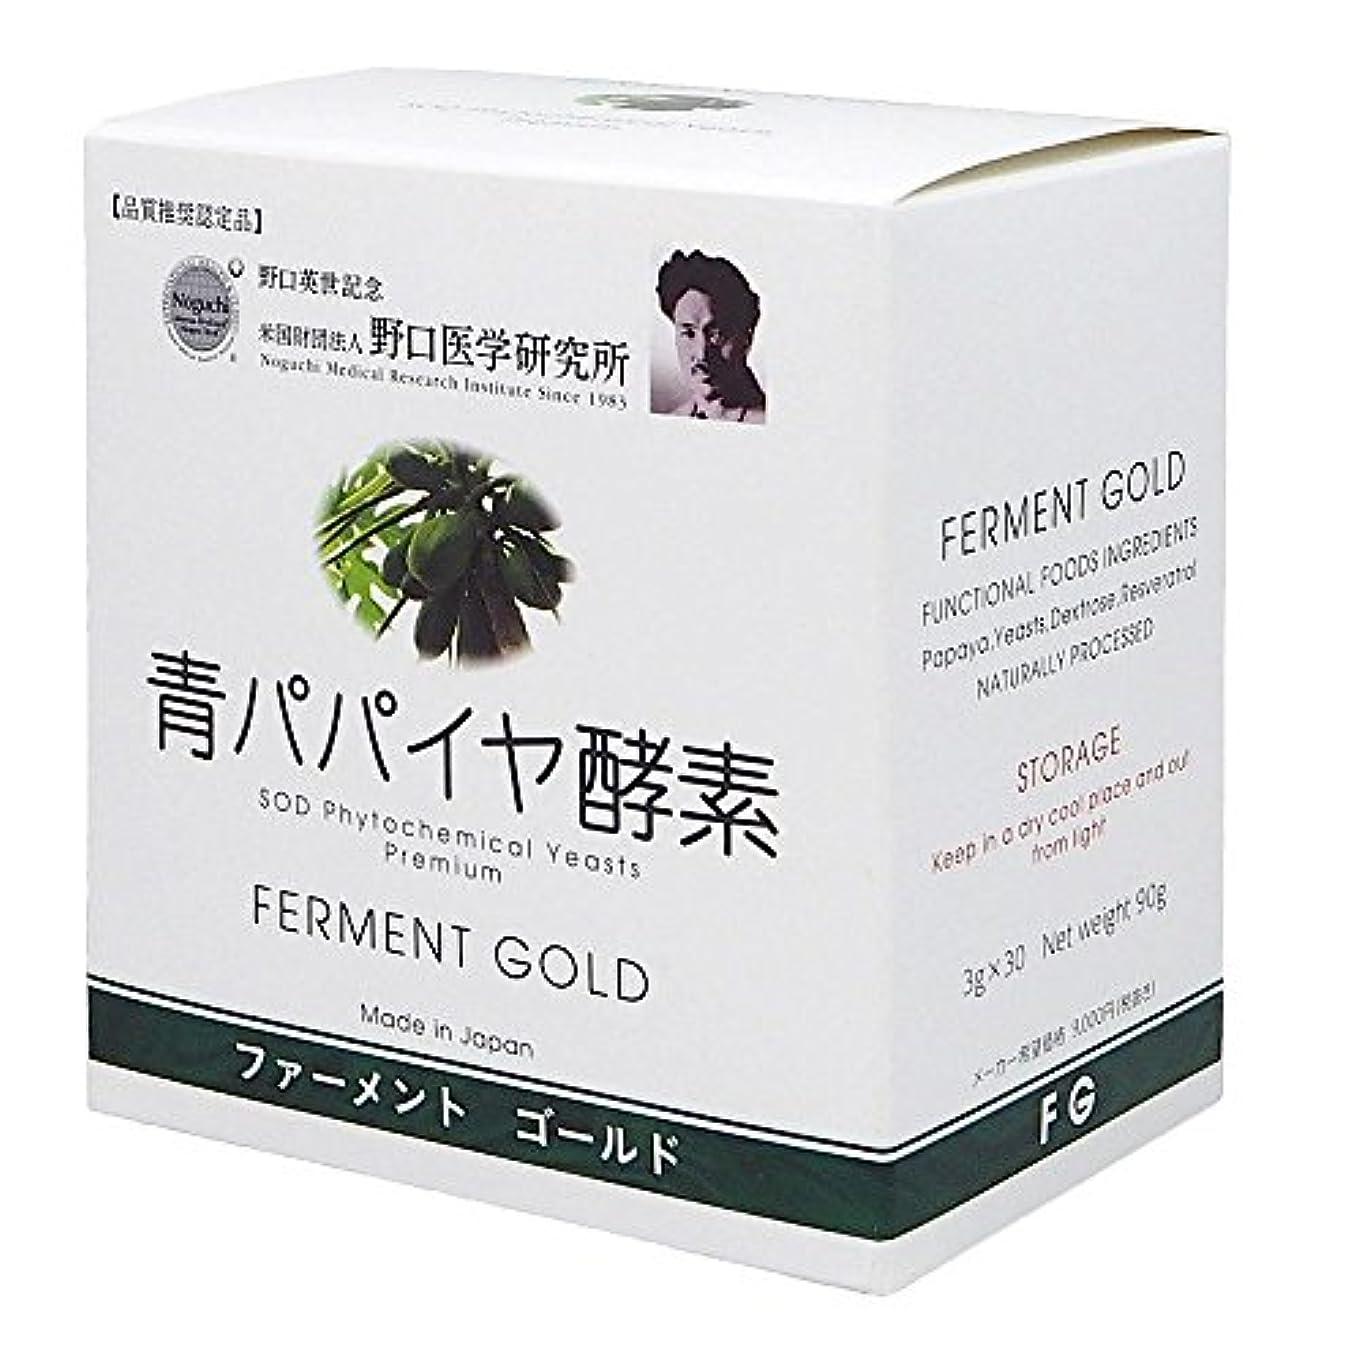 まろやかなバレル検索青パパイヤ発酵食品 青パパイヤ酵素 ファーメントゴールド FERMENT GOLD (レスベラトロール配合) 90g(3gx30包)